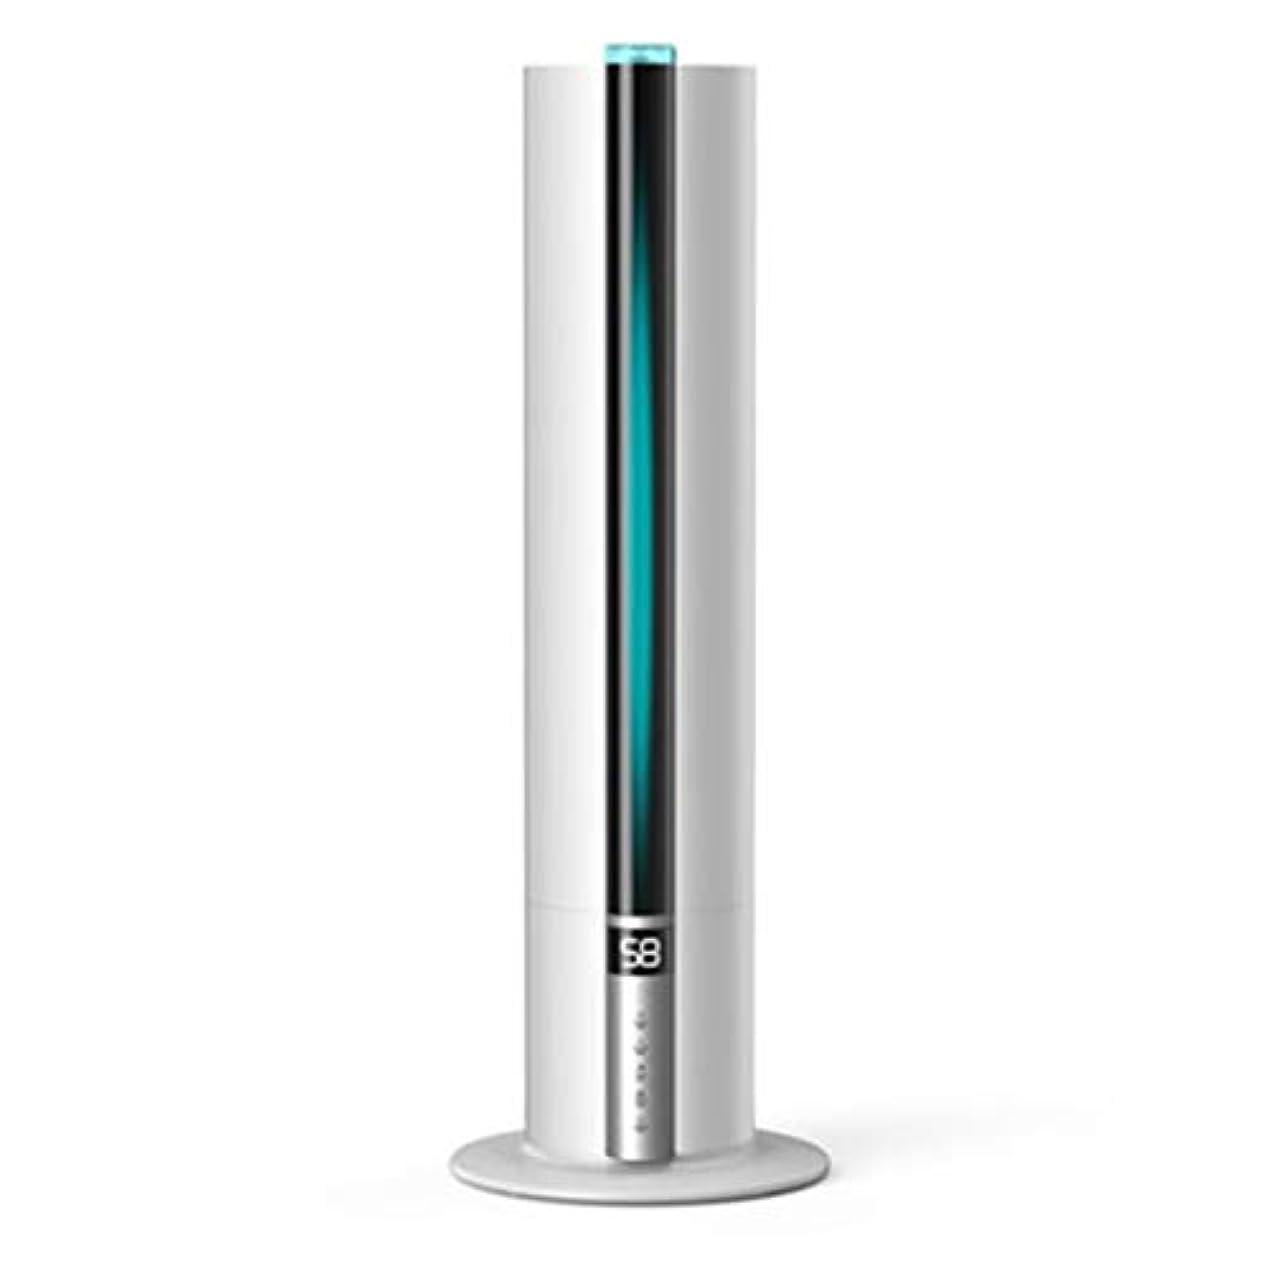 揺れる単語意欲超音波クールミスト加湿器7.5L超静音インテリジェント純恒湿、ウォーターレスオートオフ超静音(色:黒) (Color : White)